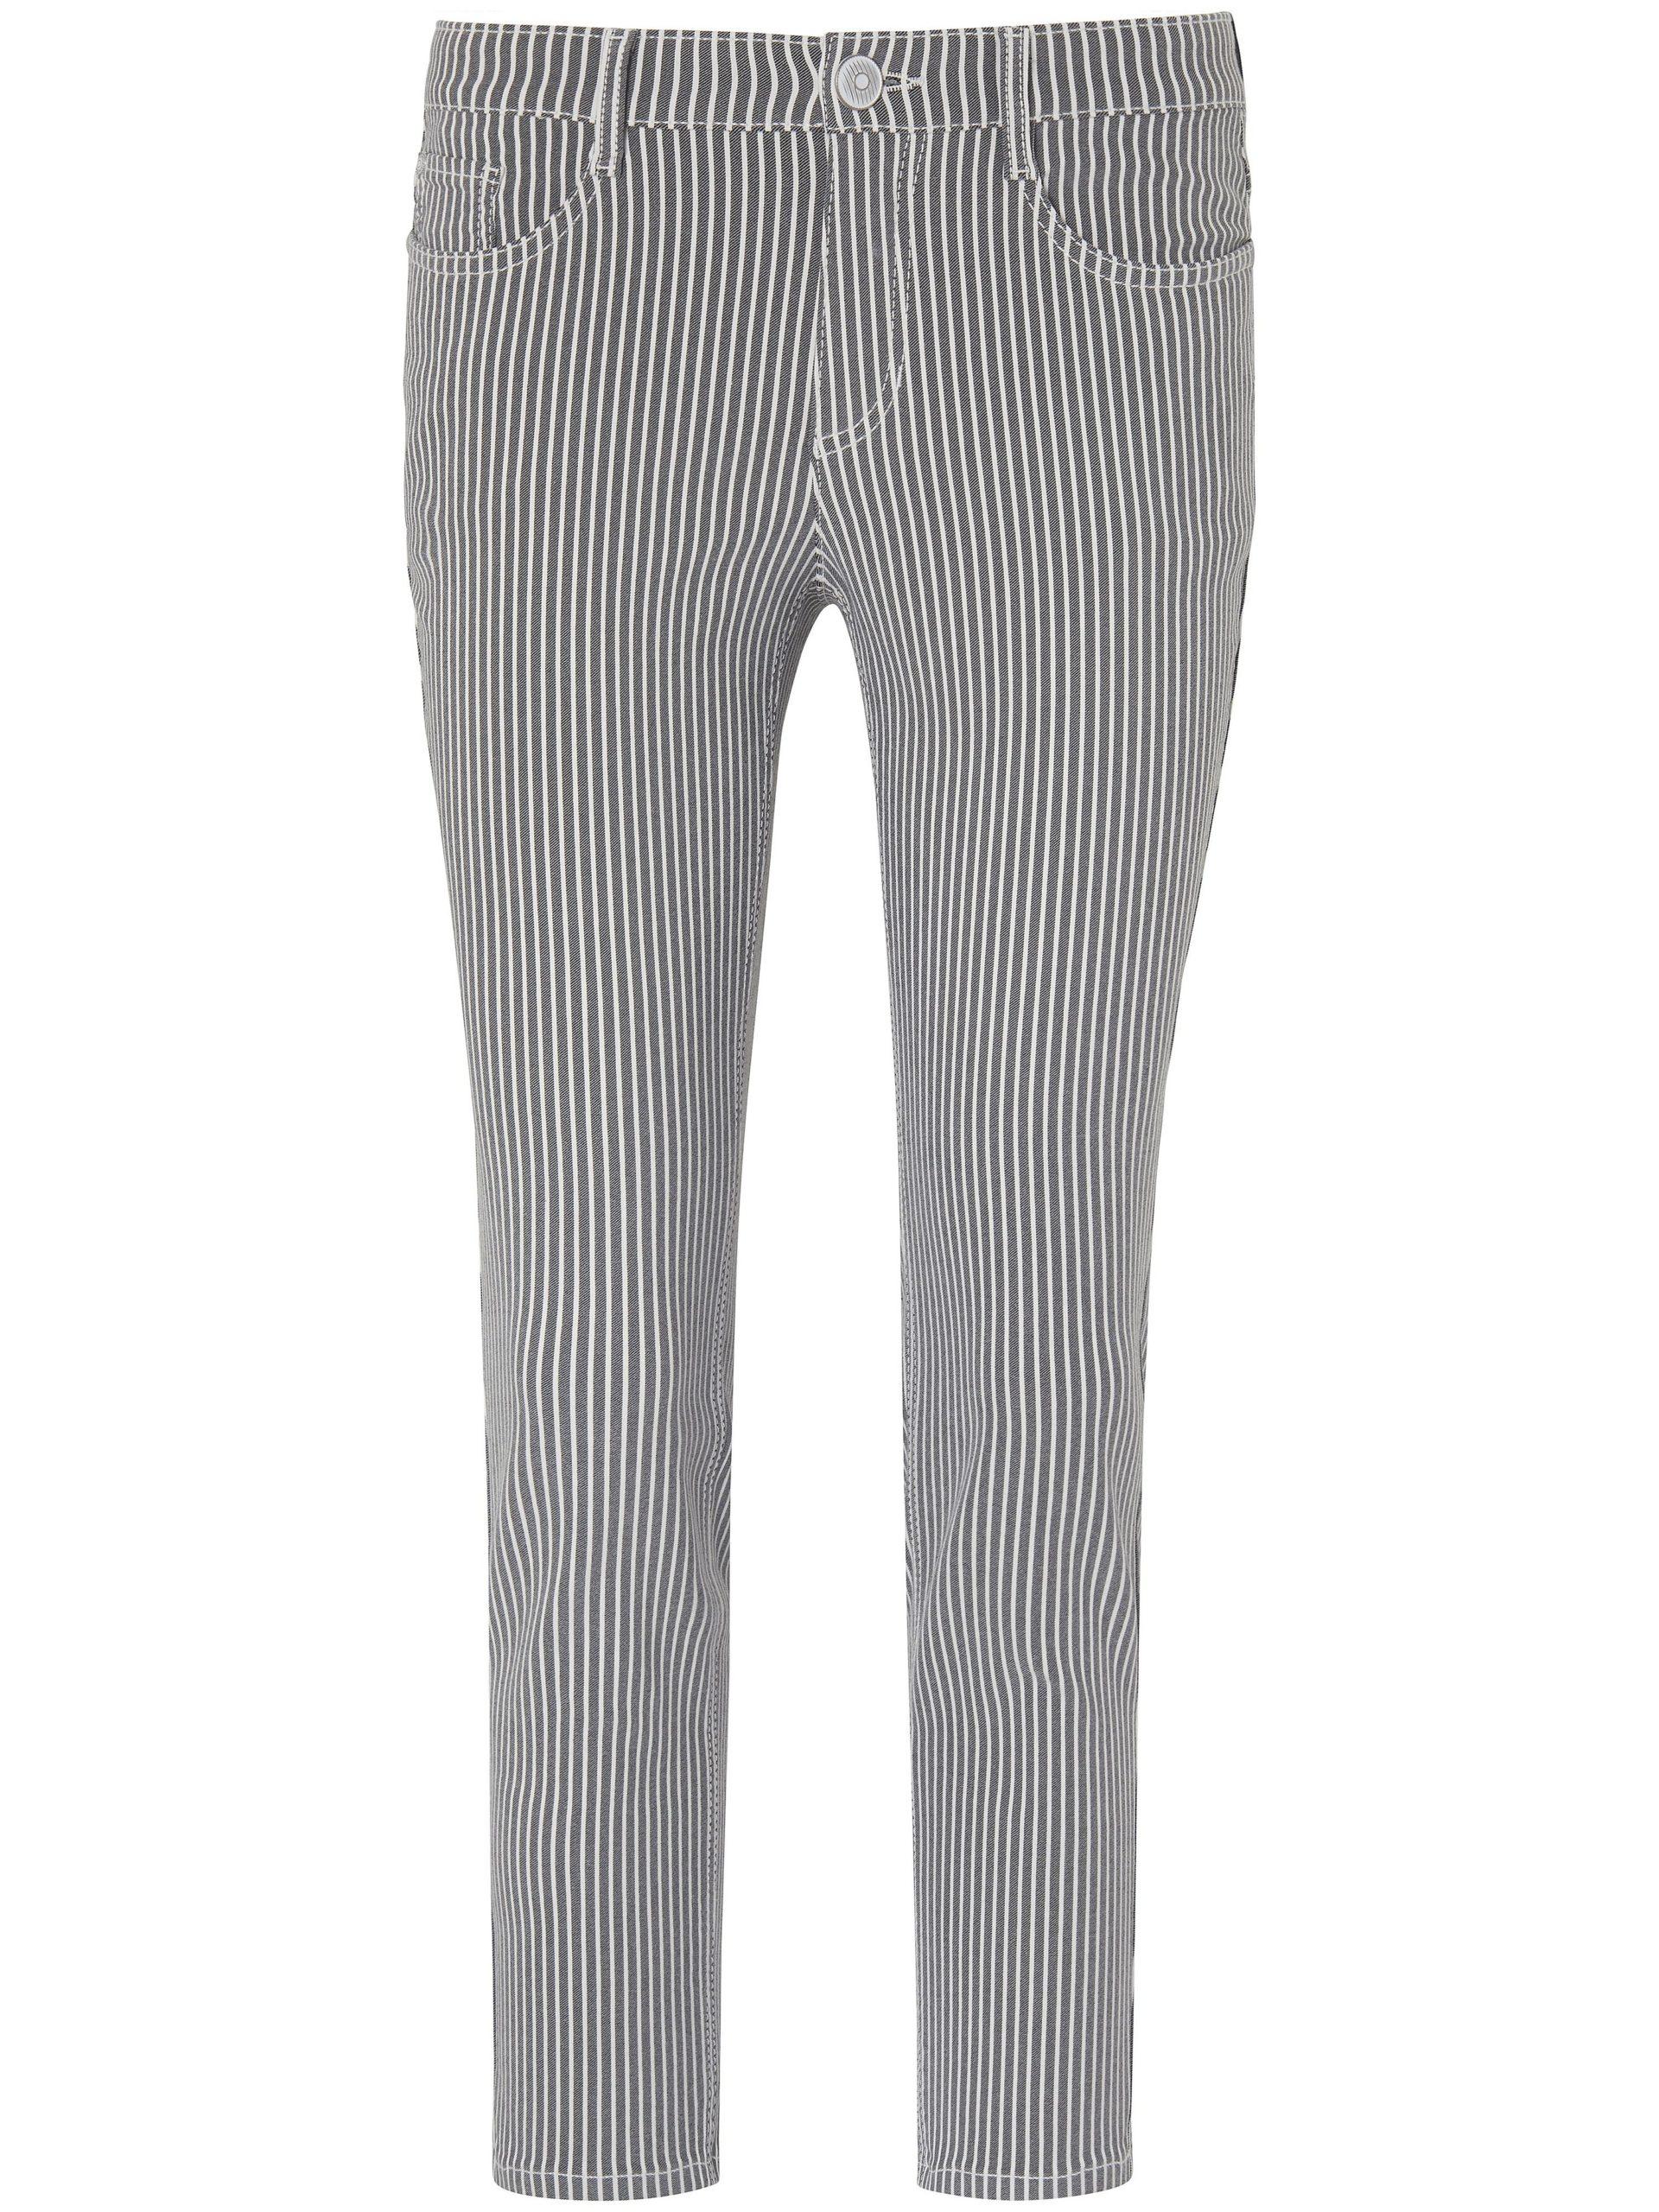 7/8-broek pasvorm Sylvia met lengtestrepen Van Peter Hahn multicolour Kopen